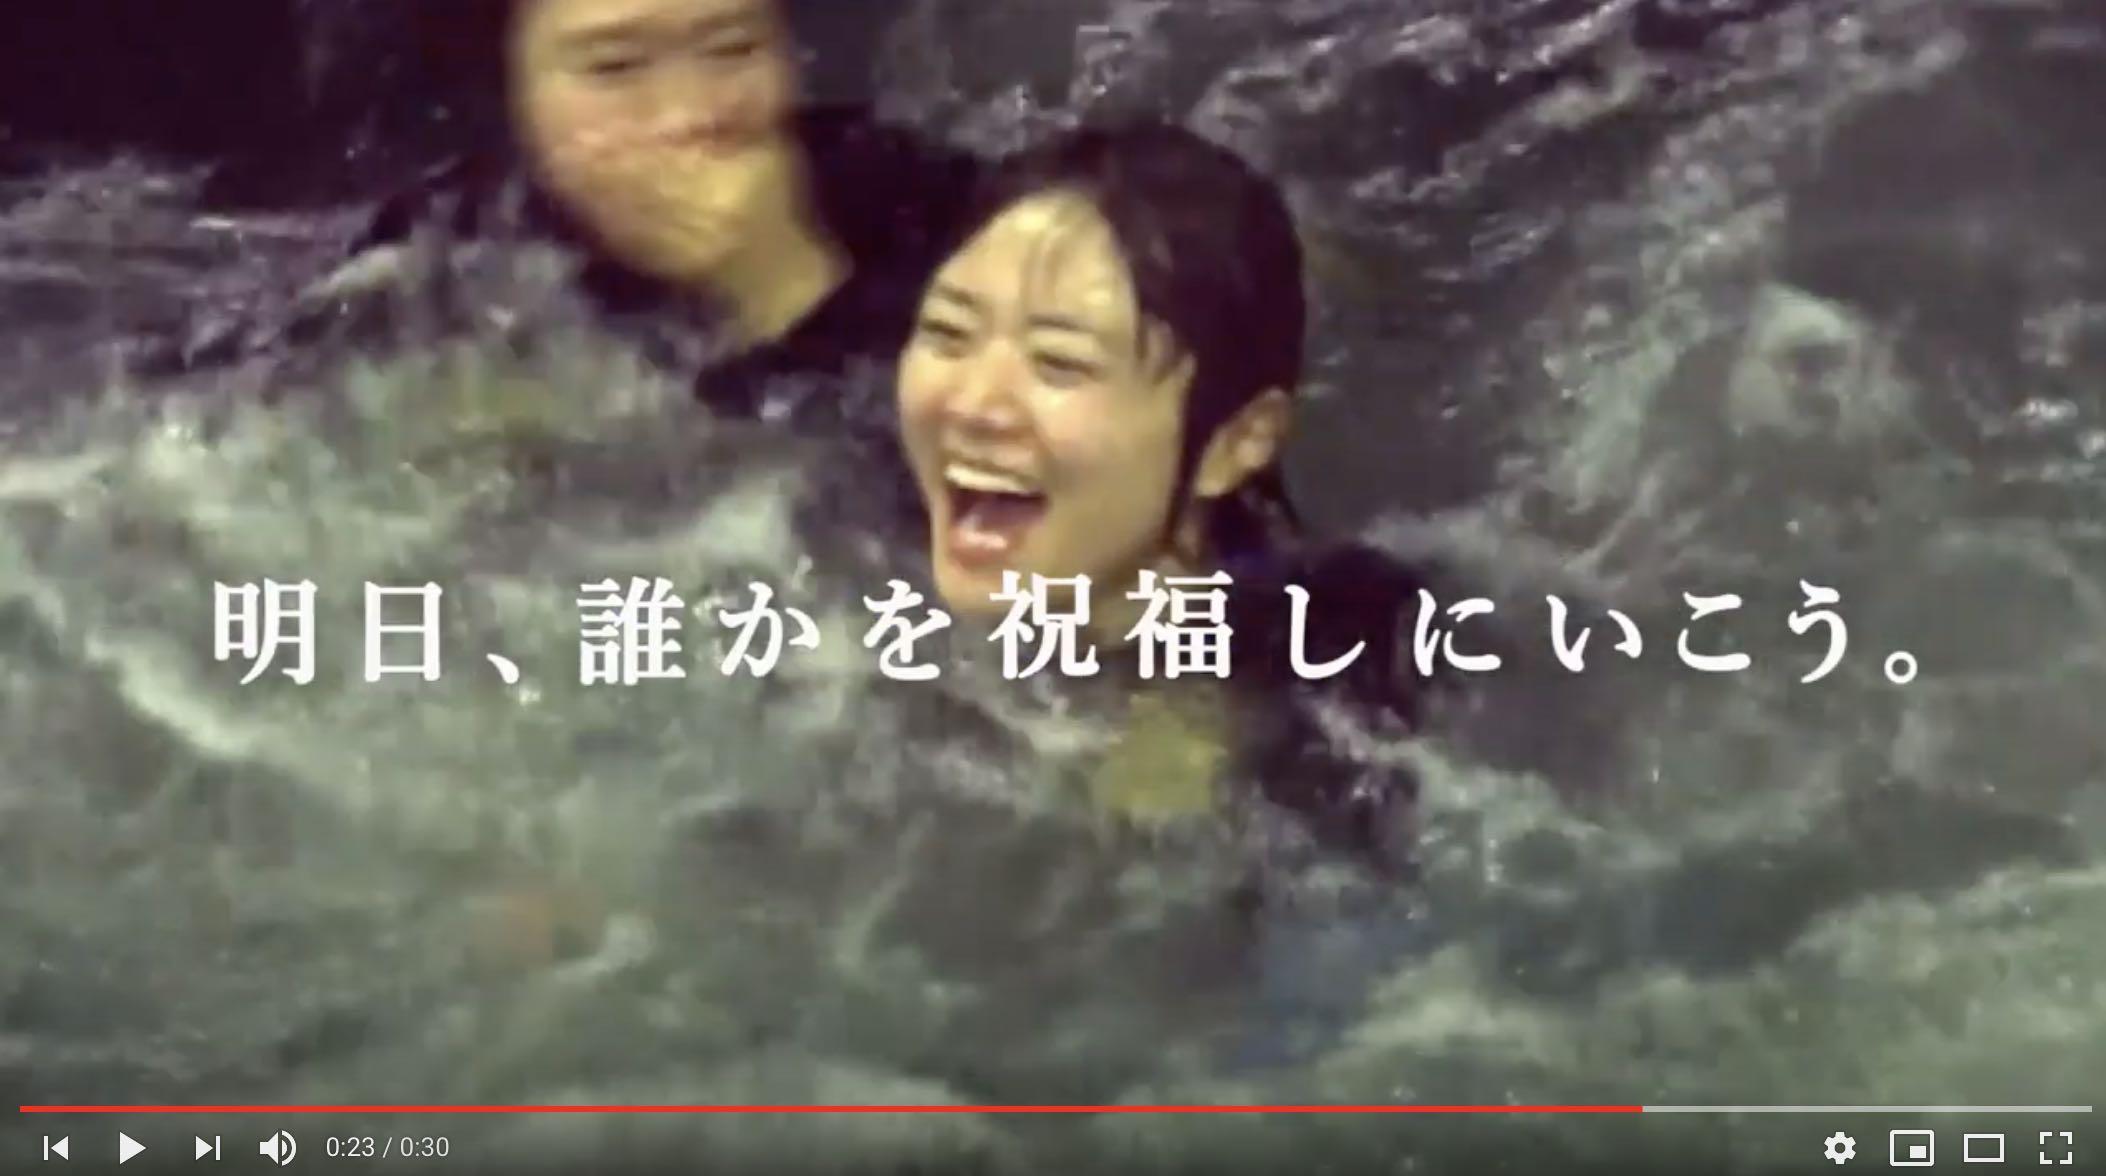 競艇ボートレースの若松CM第二弾の水神祭編